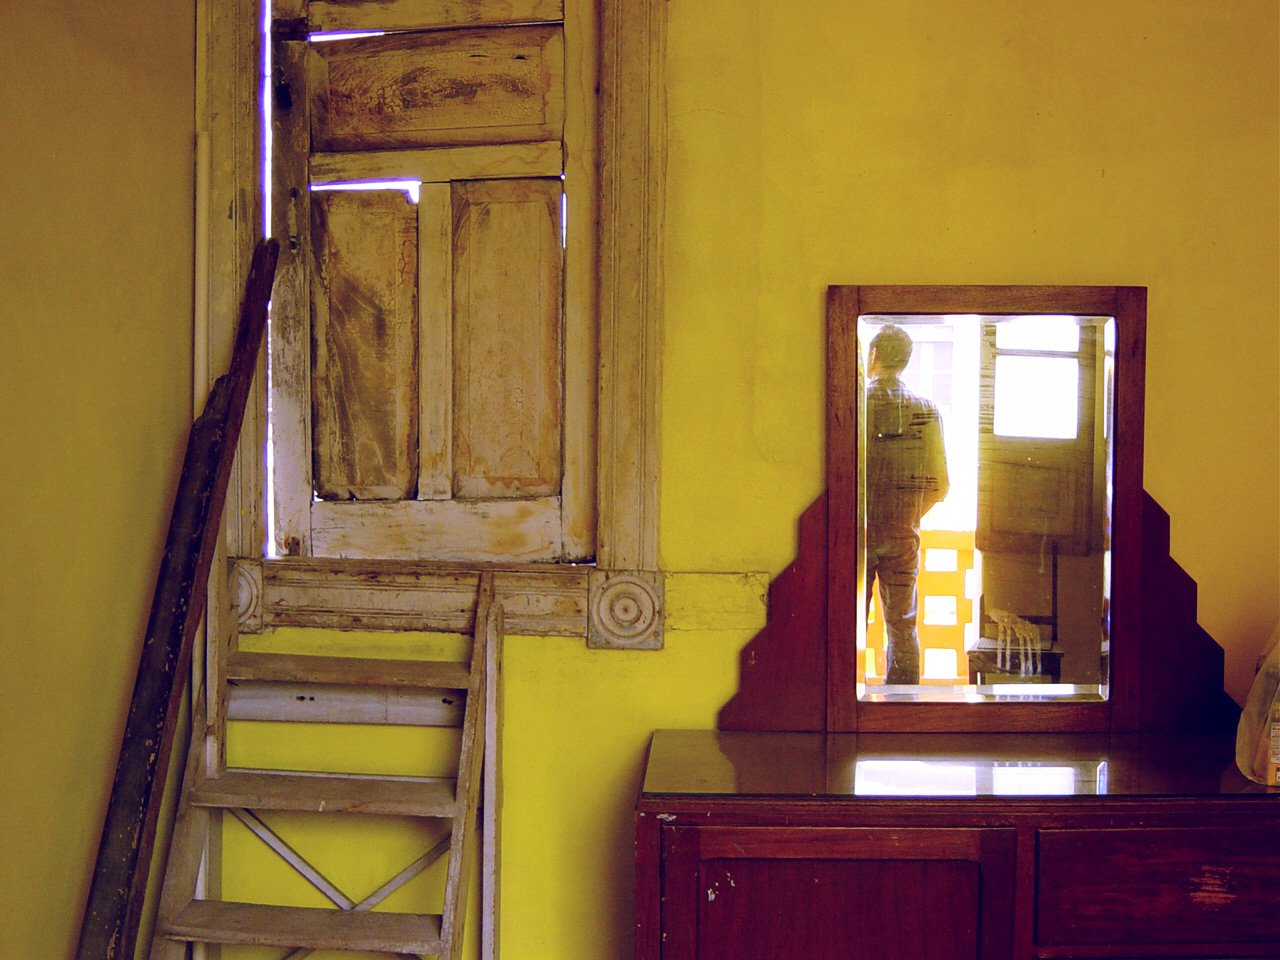 micko in merida mirror